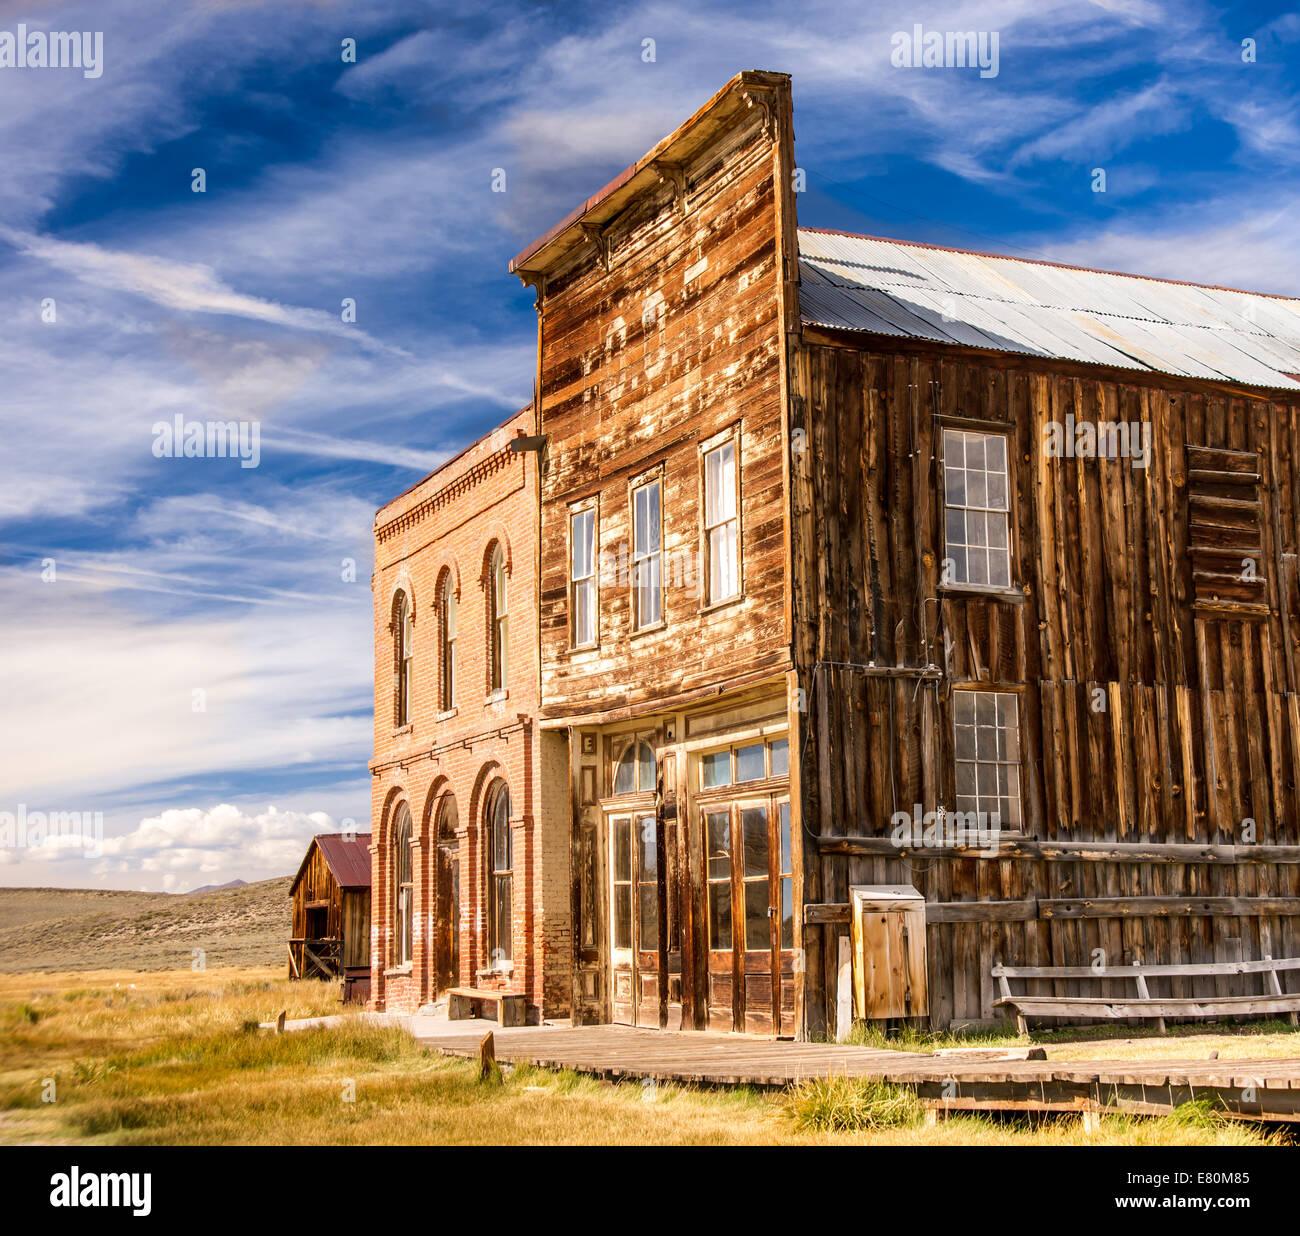 Die historische Main Street Gebäude im alten Westen Goldrausch Geisterstadt Bodie, Kalifornien Stockbild